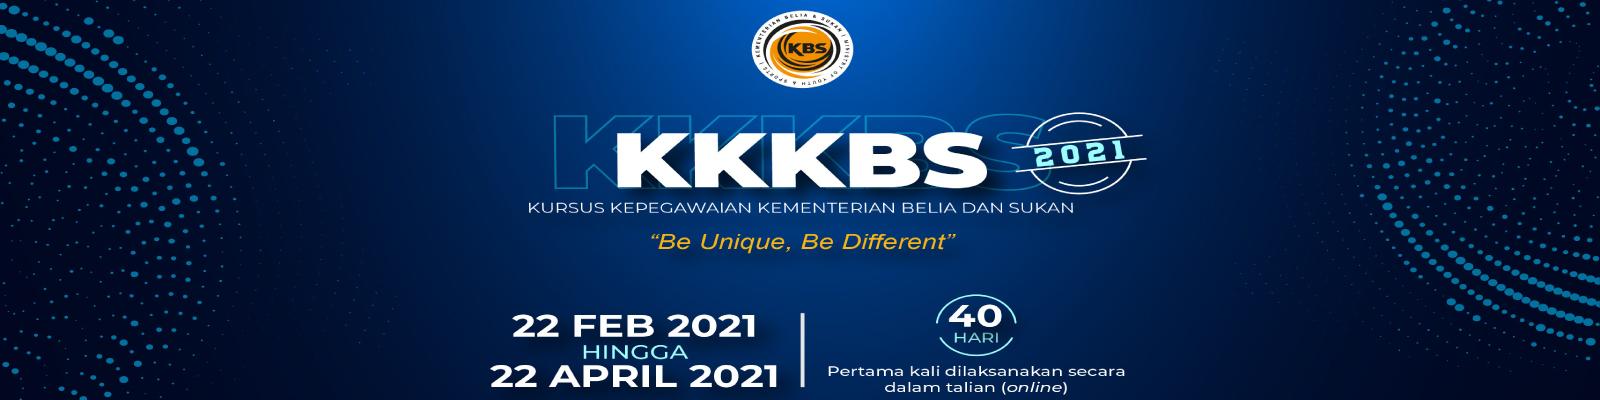 kkkb2021.jpg